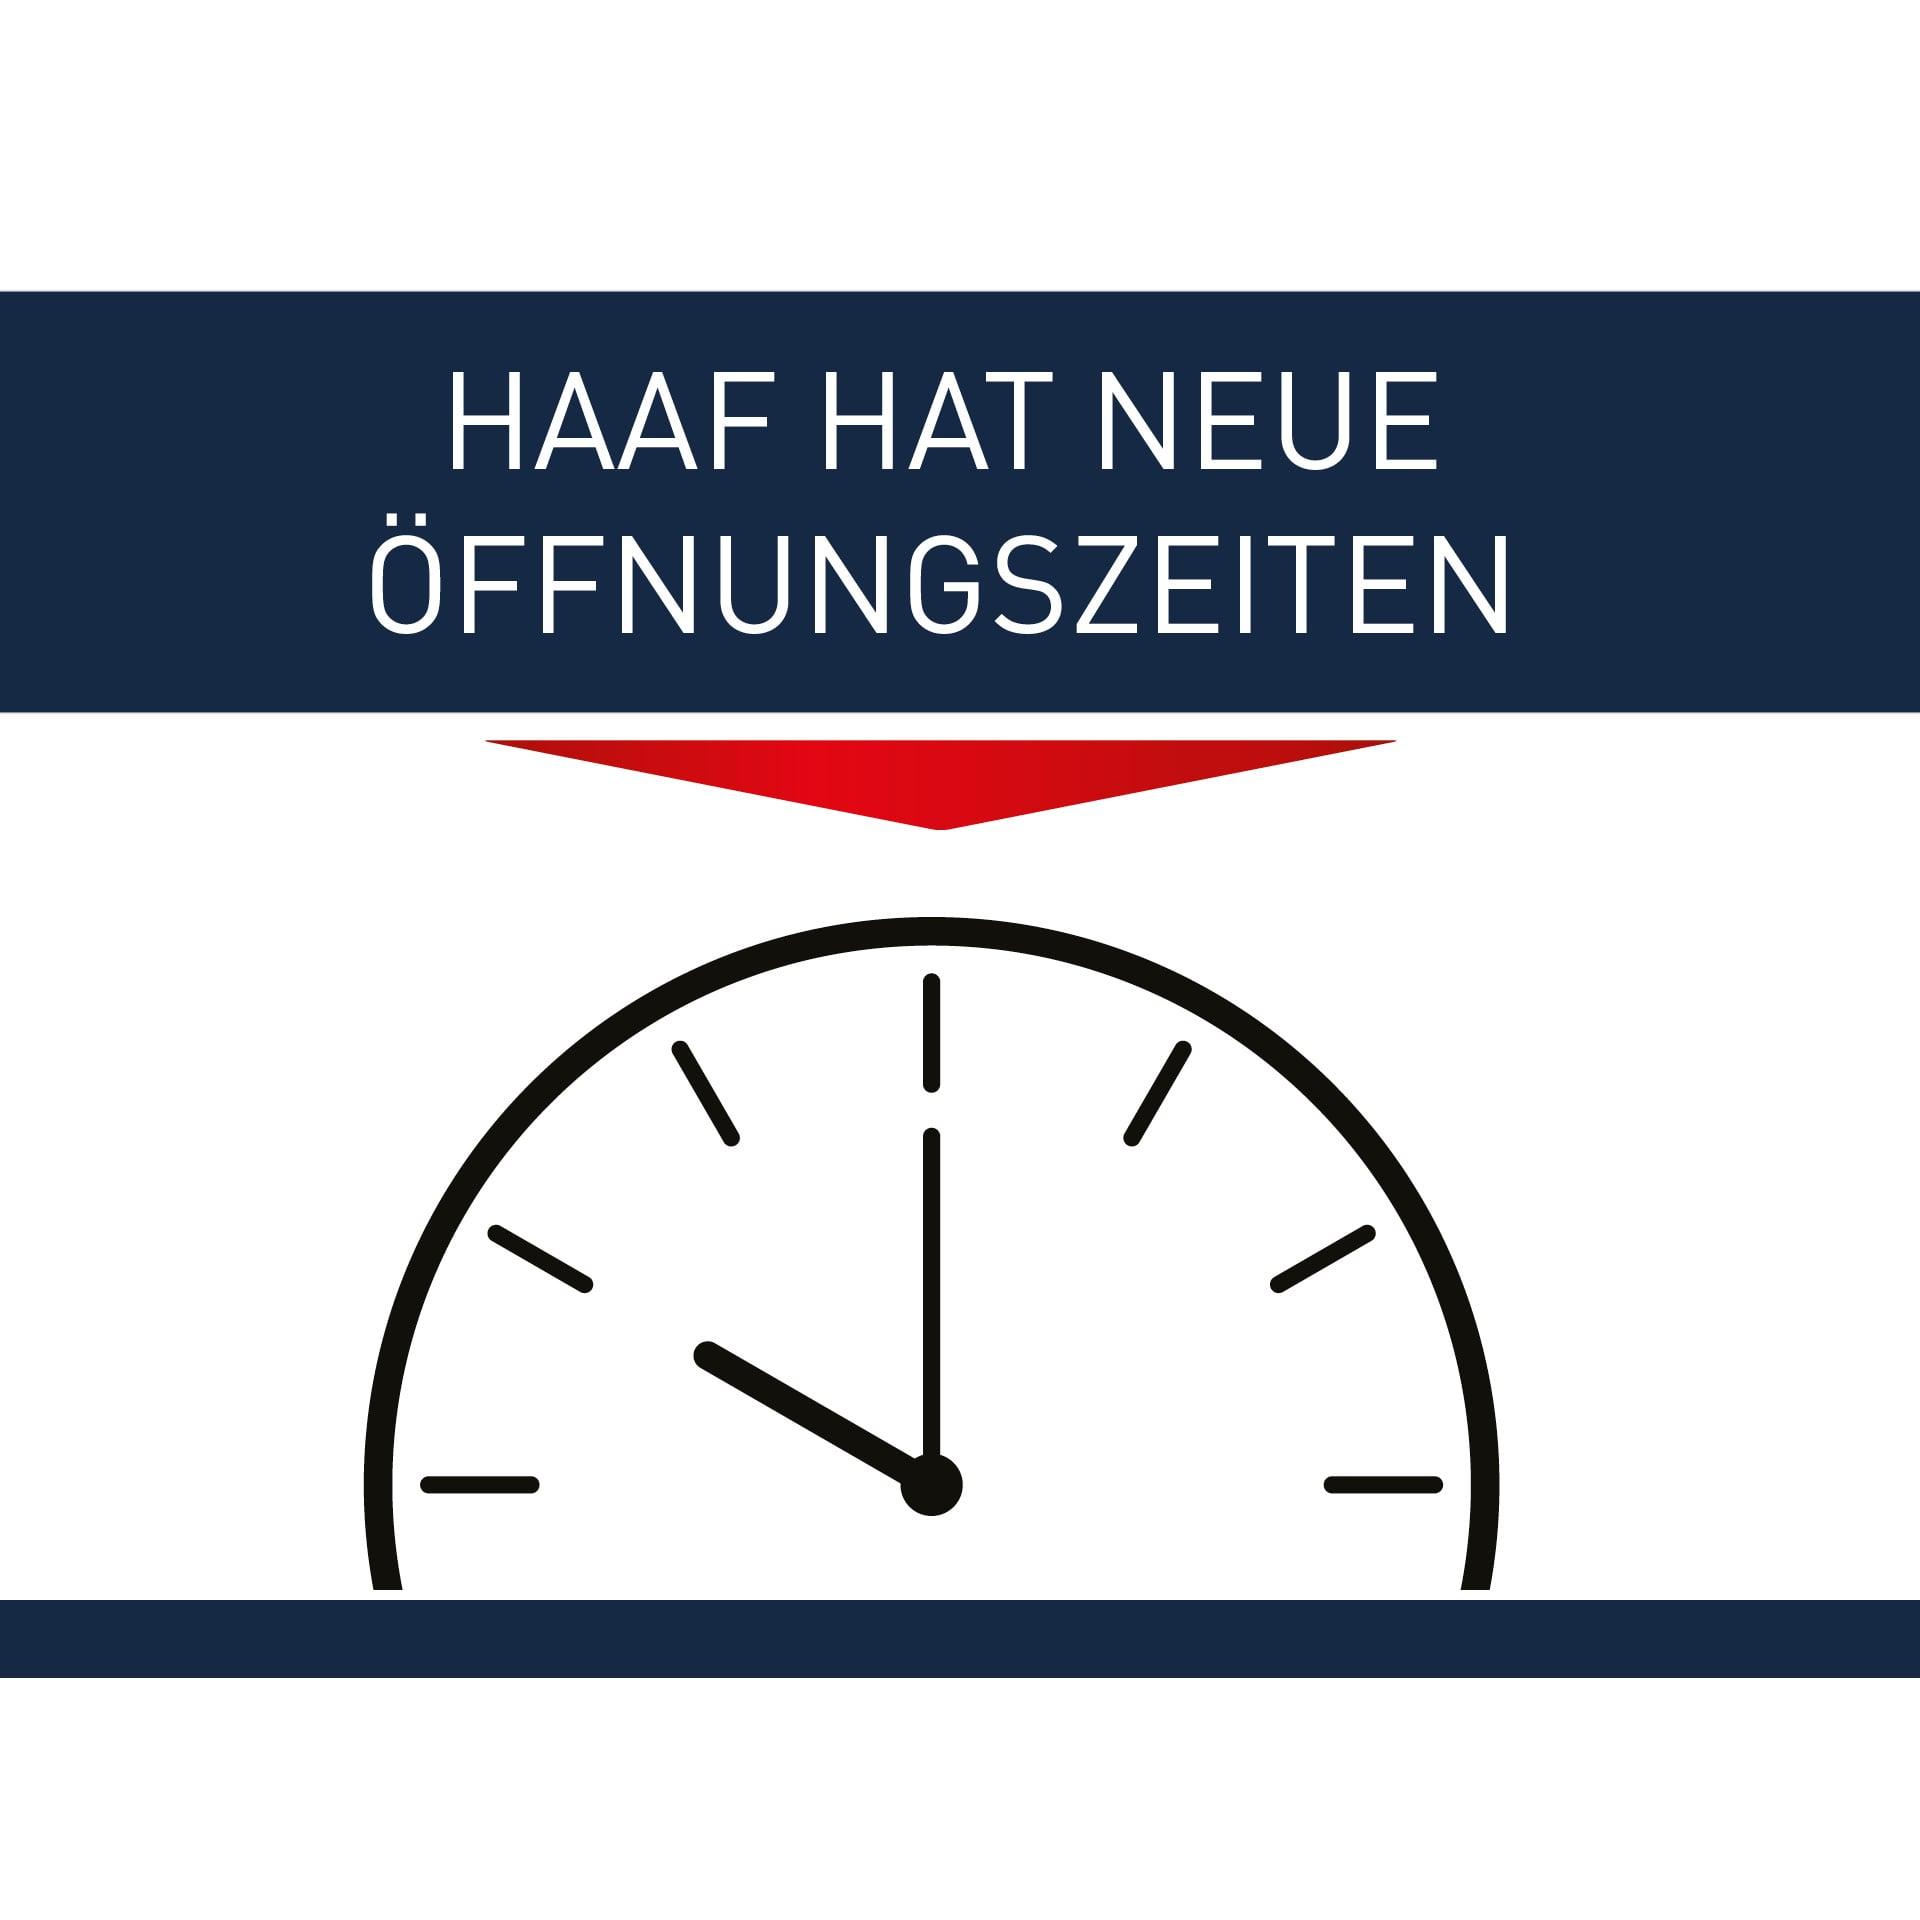 HAAF hat neue Öffnungszeiten